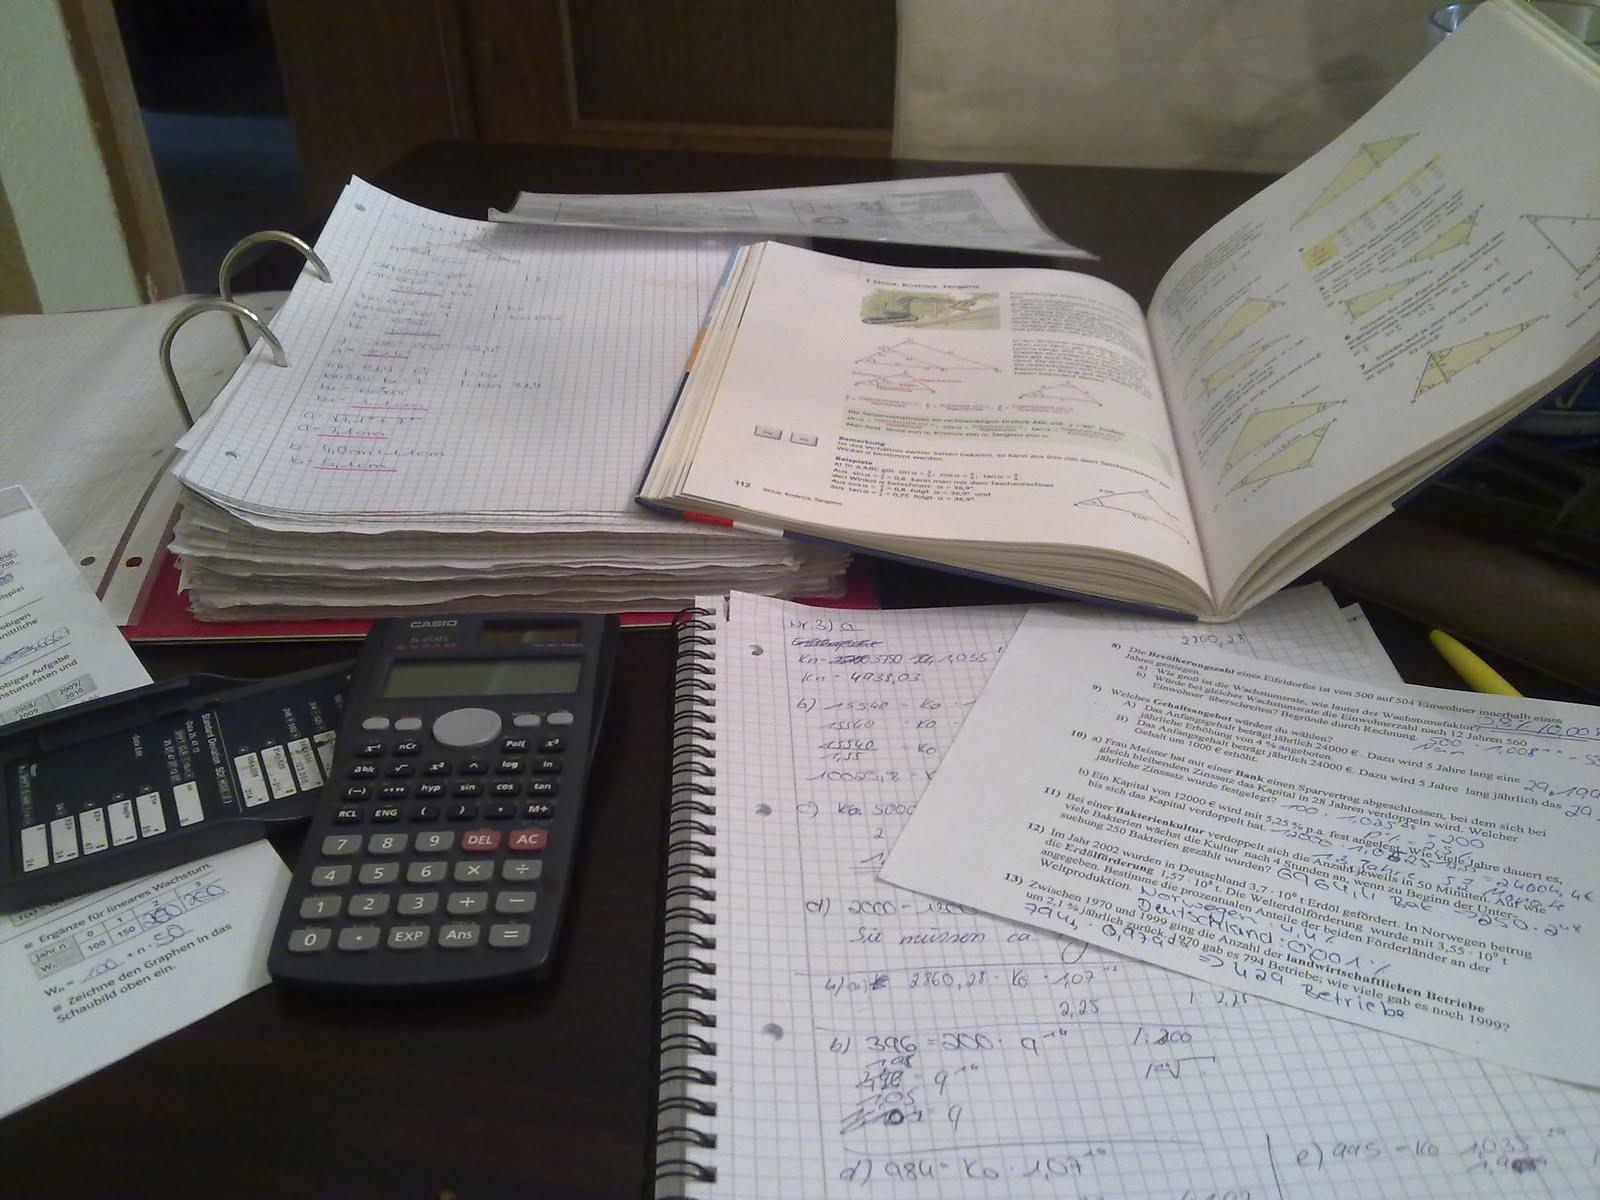 Ich durfte heute schön mathe lernen weil ich morgen meine letzte